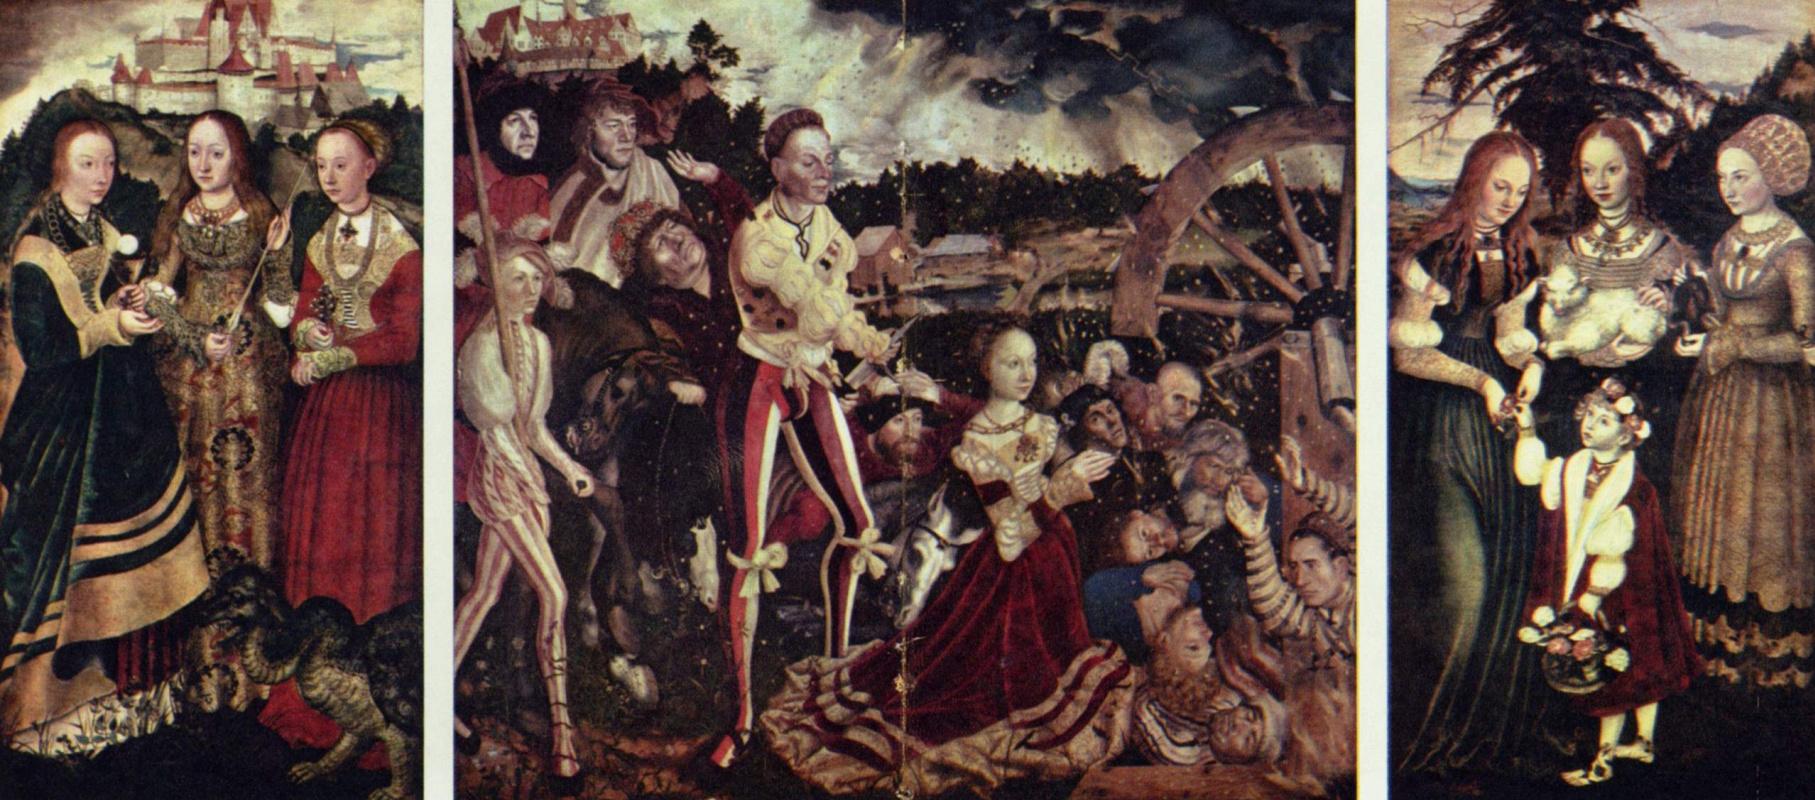 Лукас Кранах Старший. Алтарь св. Екатерины, общий вид, левая створка: святые Доротея, Агнесса и Кунигунда